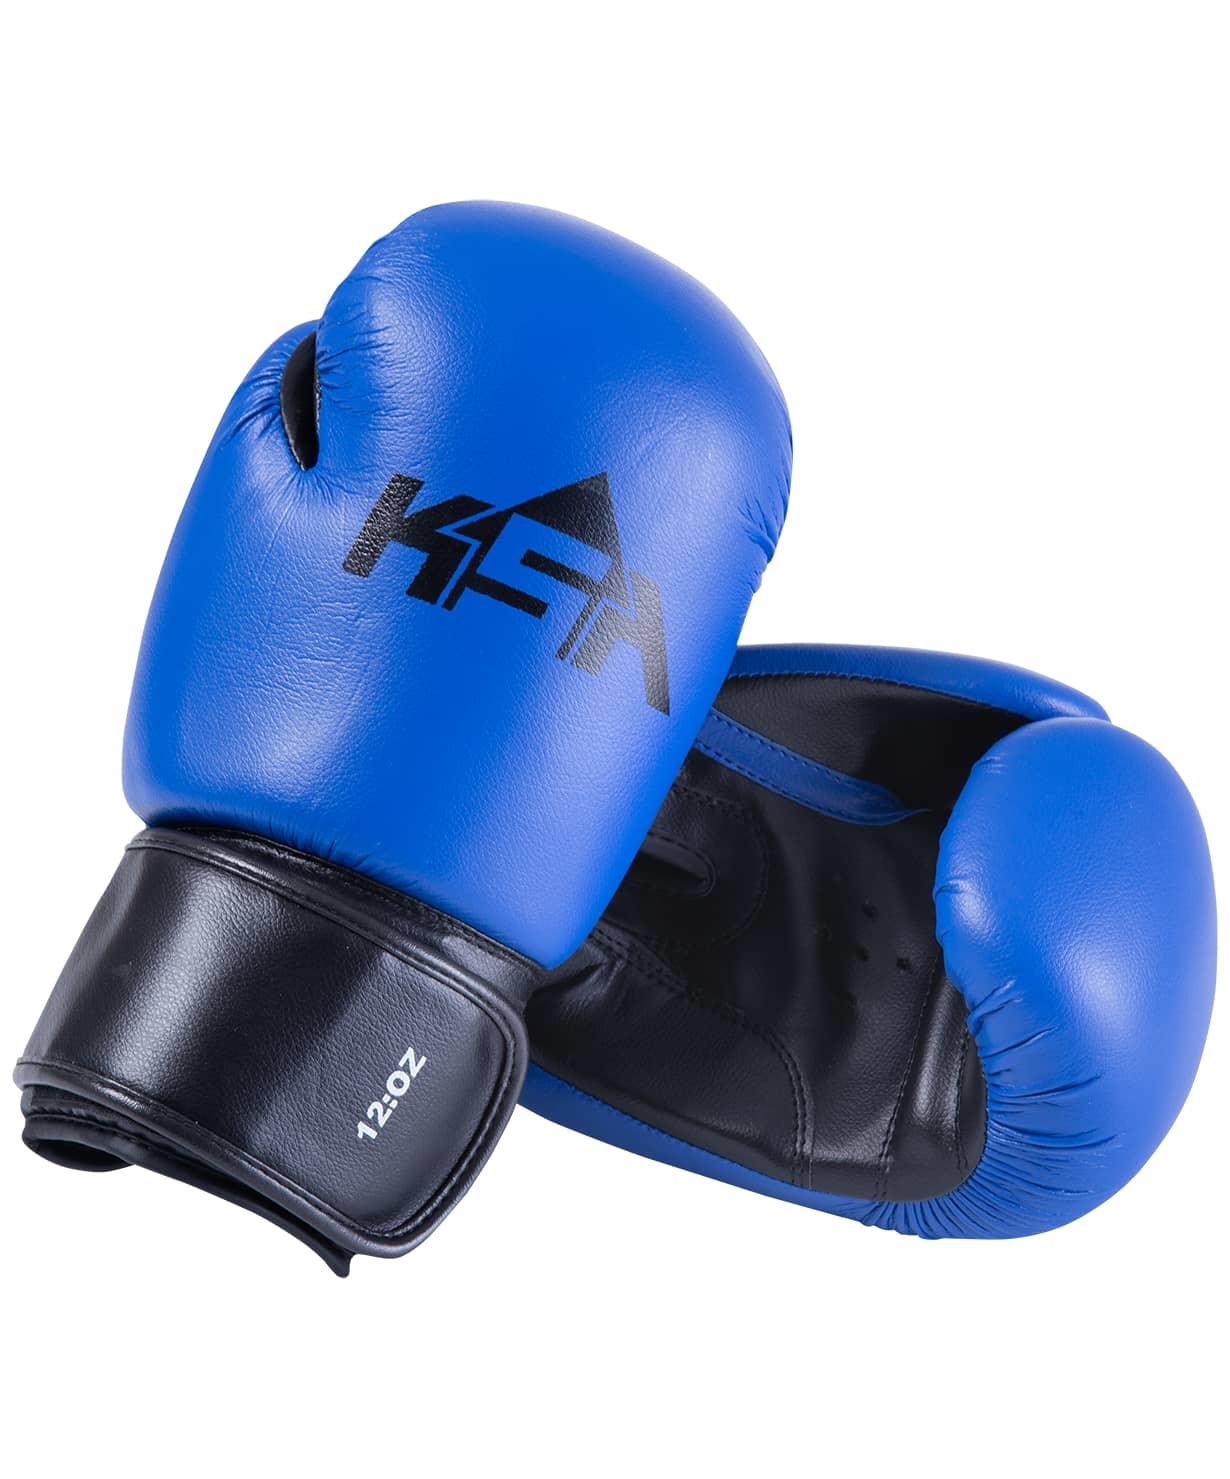 Перчатки боксерские Spider Blue, к/з, 14 oz